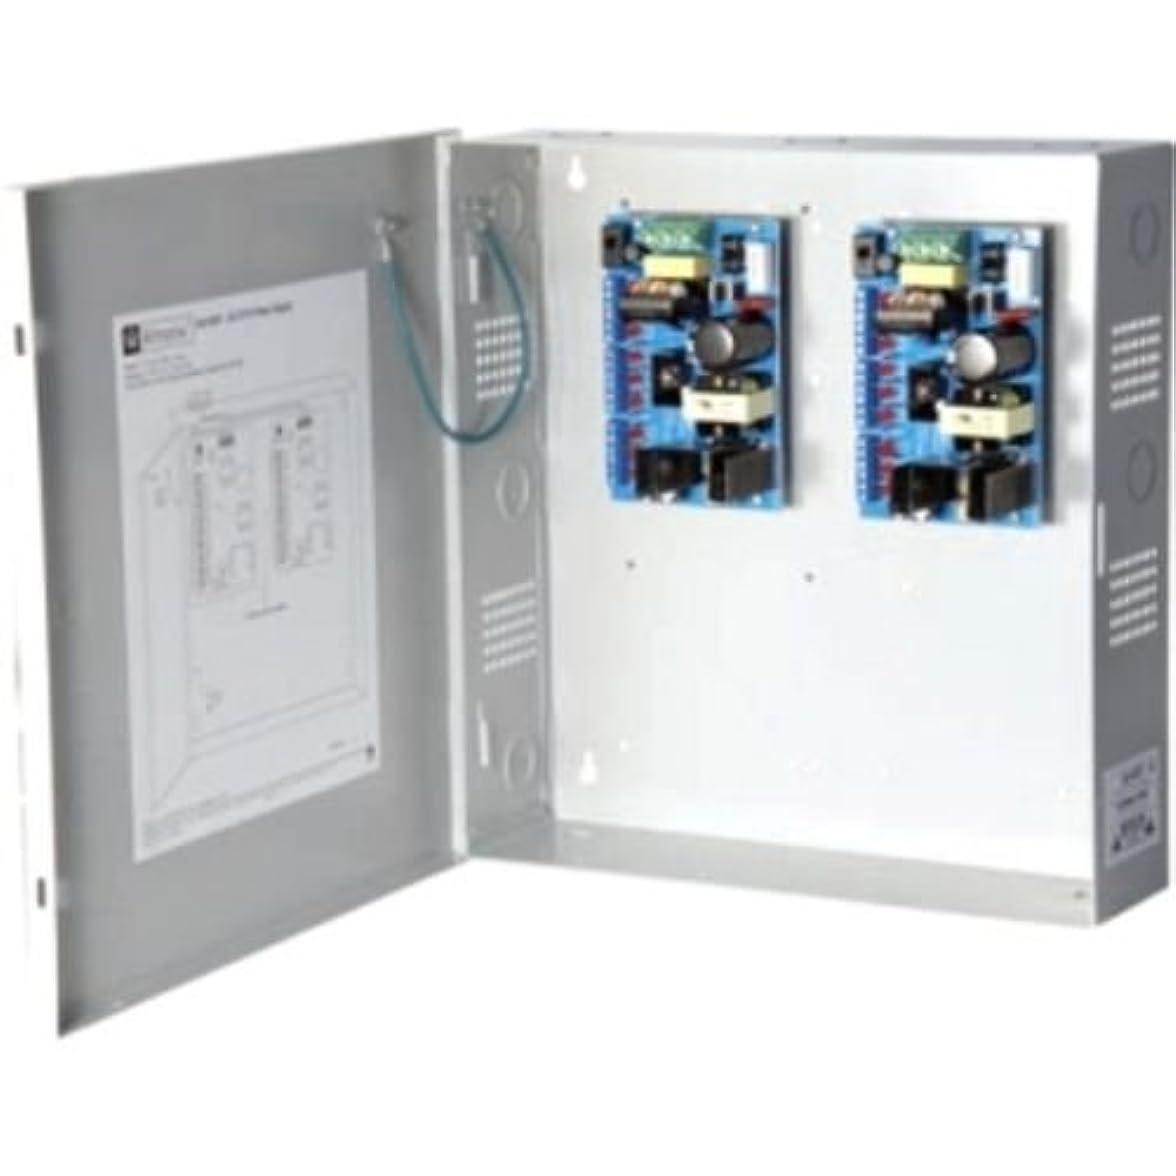 スーパーマーケットスクラップブックおばあさんAltronix SAV182D Proprietary Power Supply - 110 V AC, 220 V AC Input Voltage [並行輸入品]